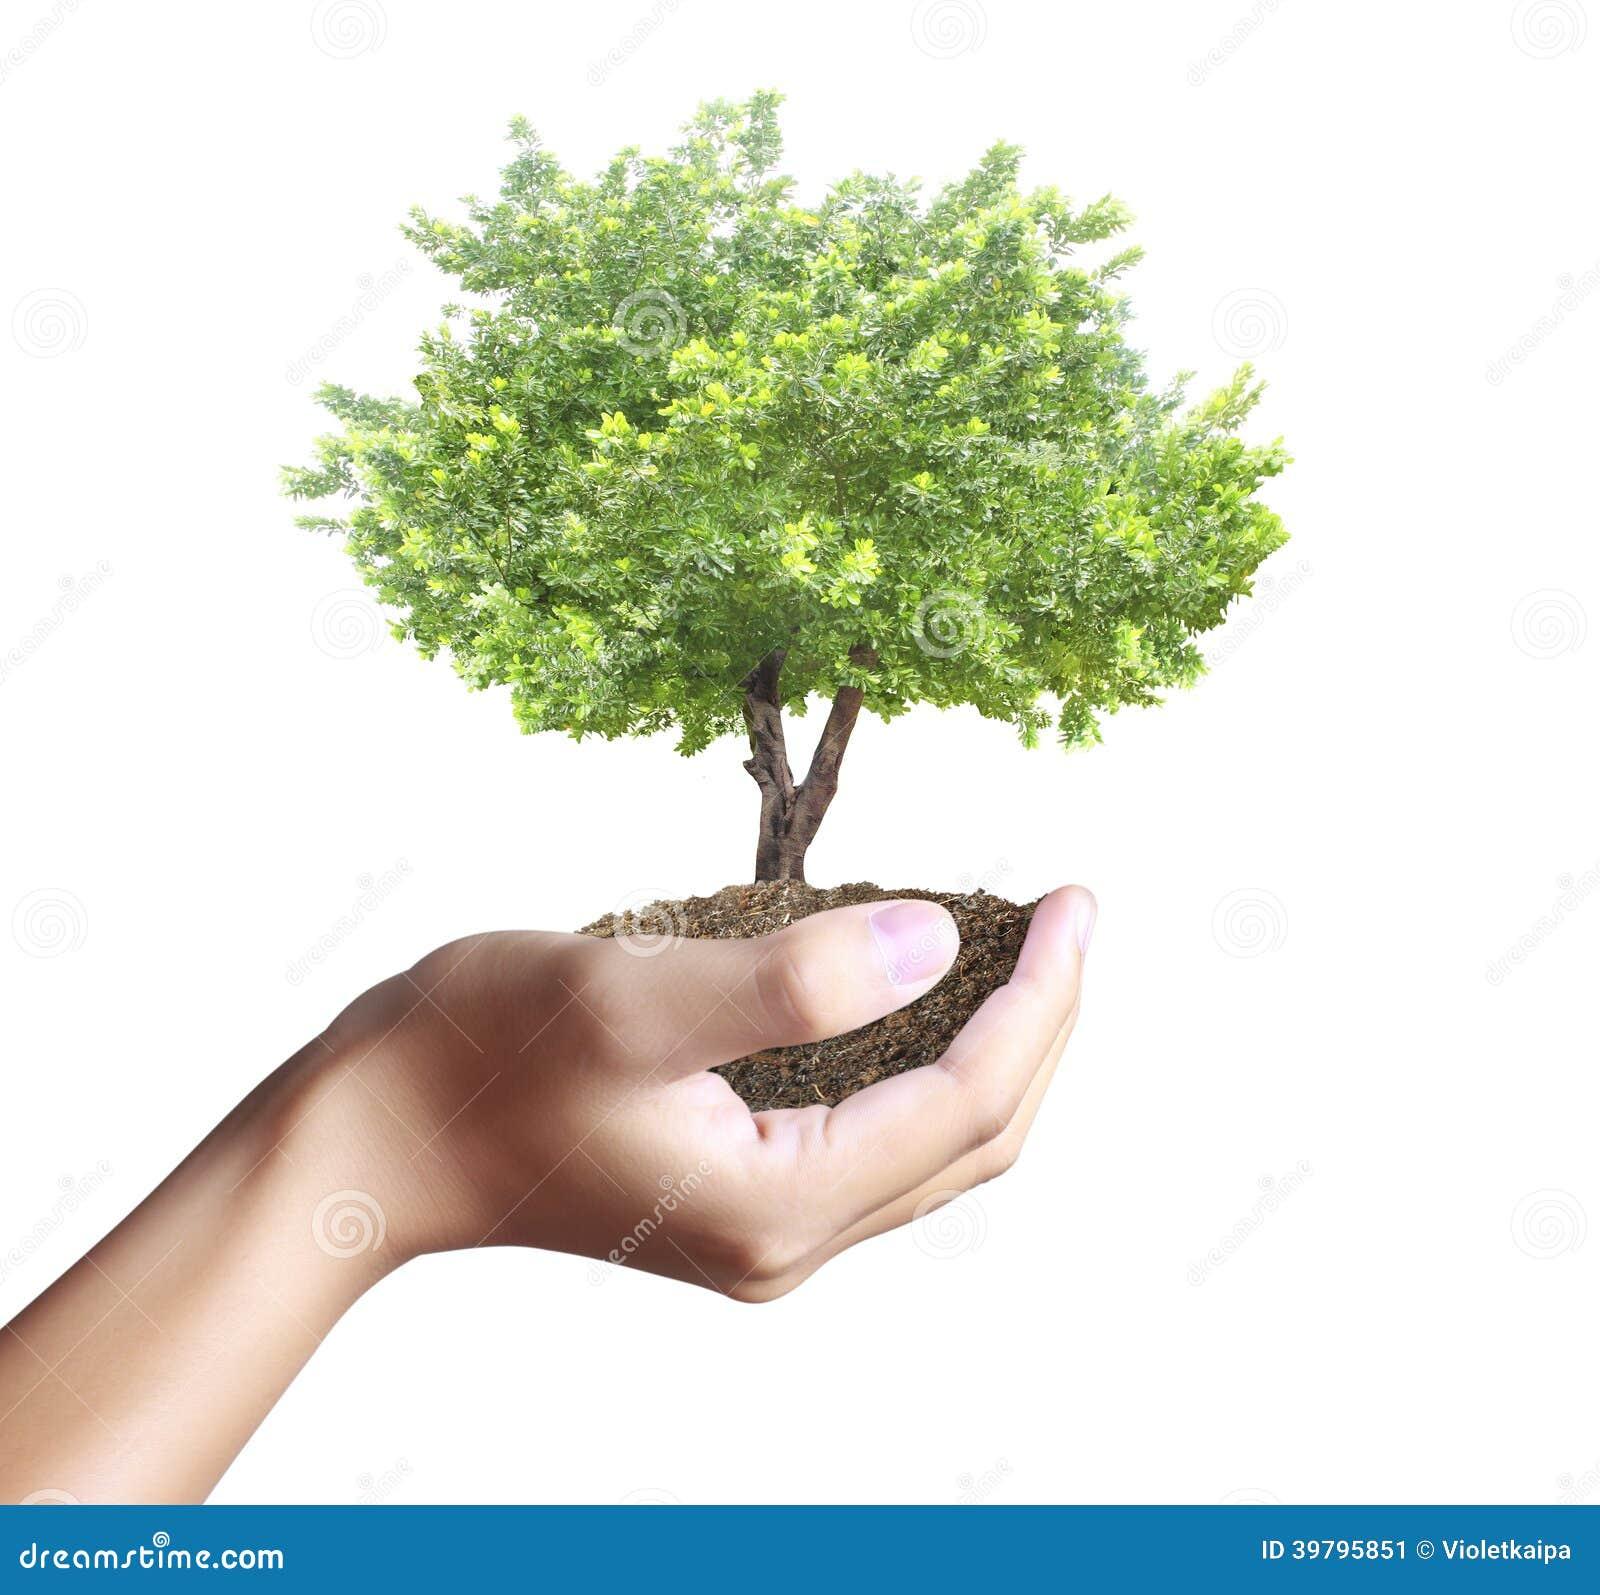 Kleiner Baum, Anlage in der Hand